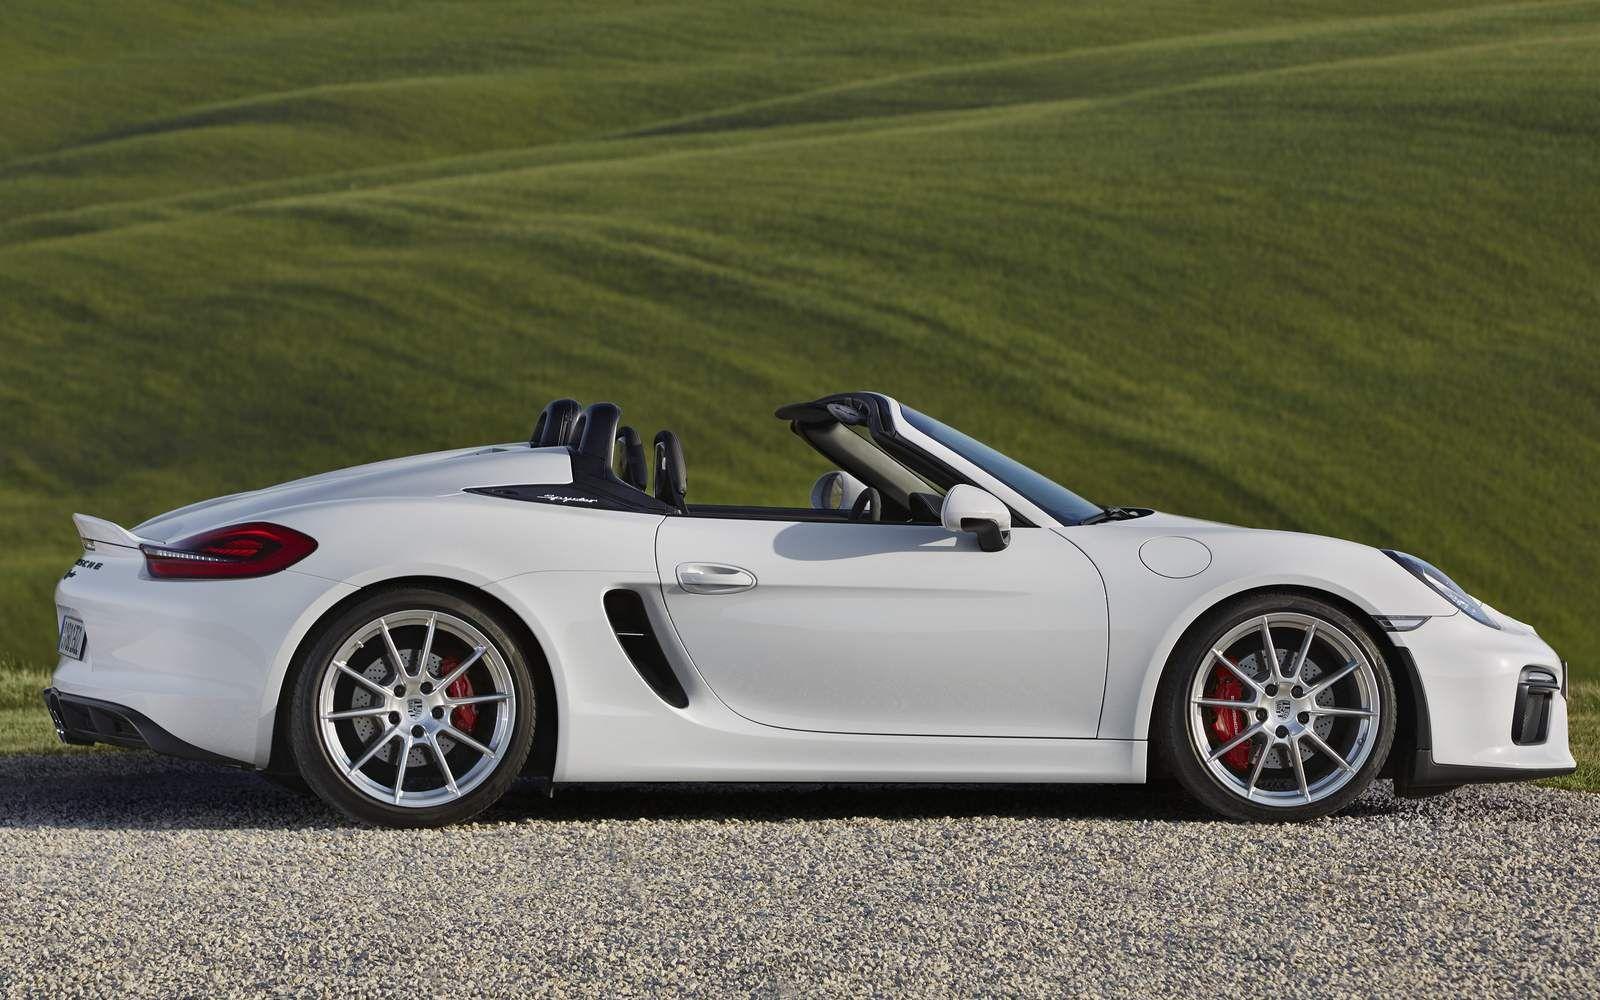 porsche boxster spyder cars pinterest - Porsche Spyder 2012